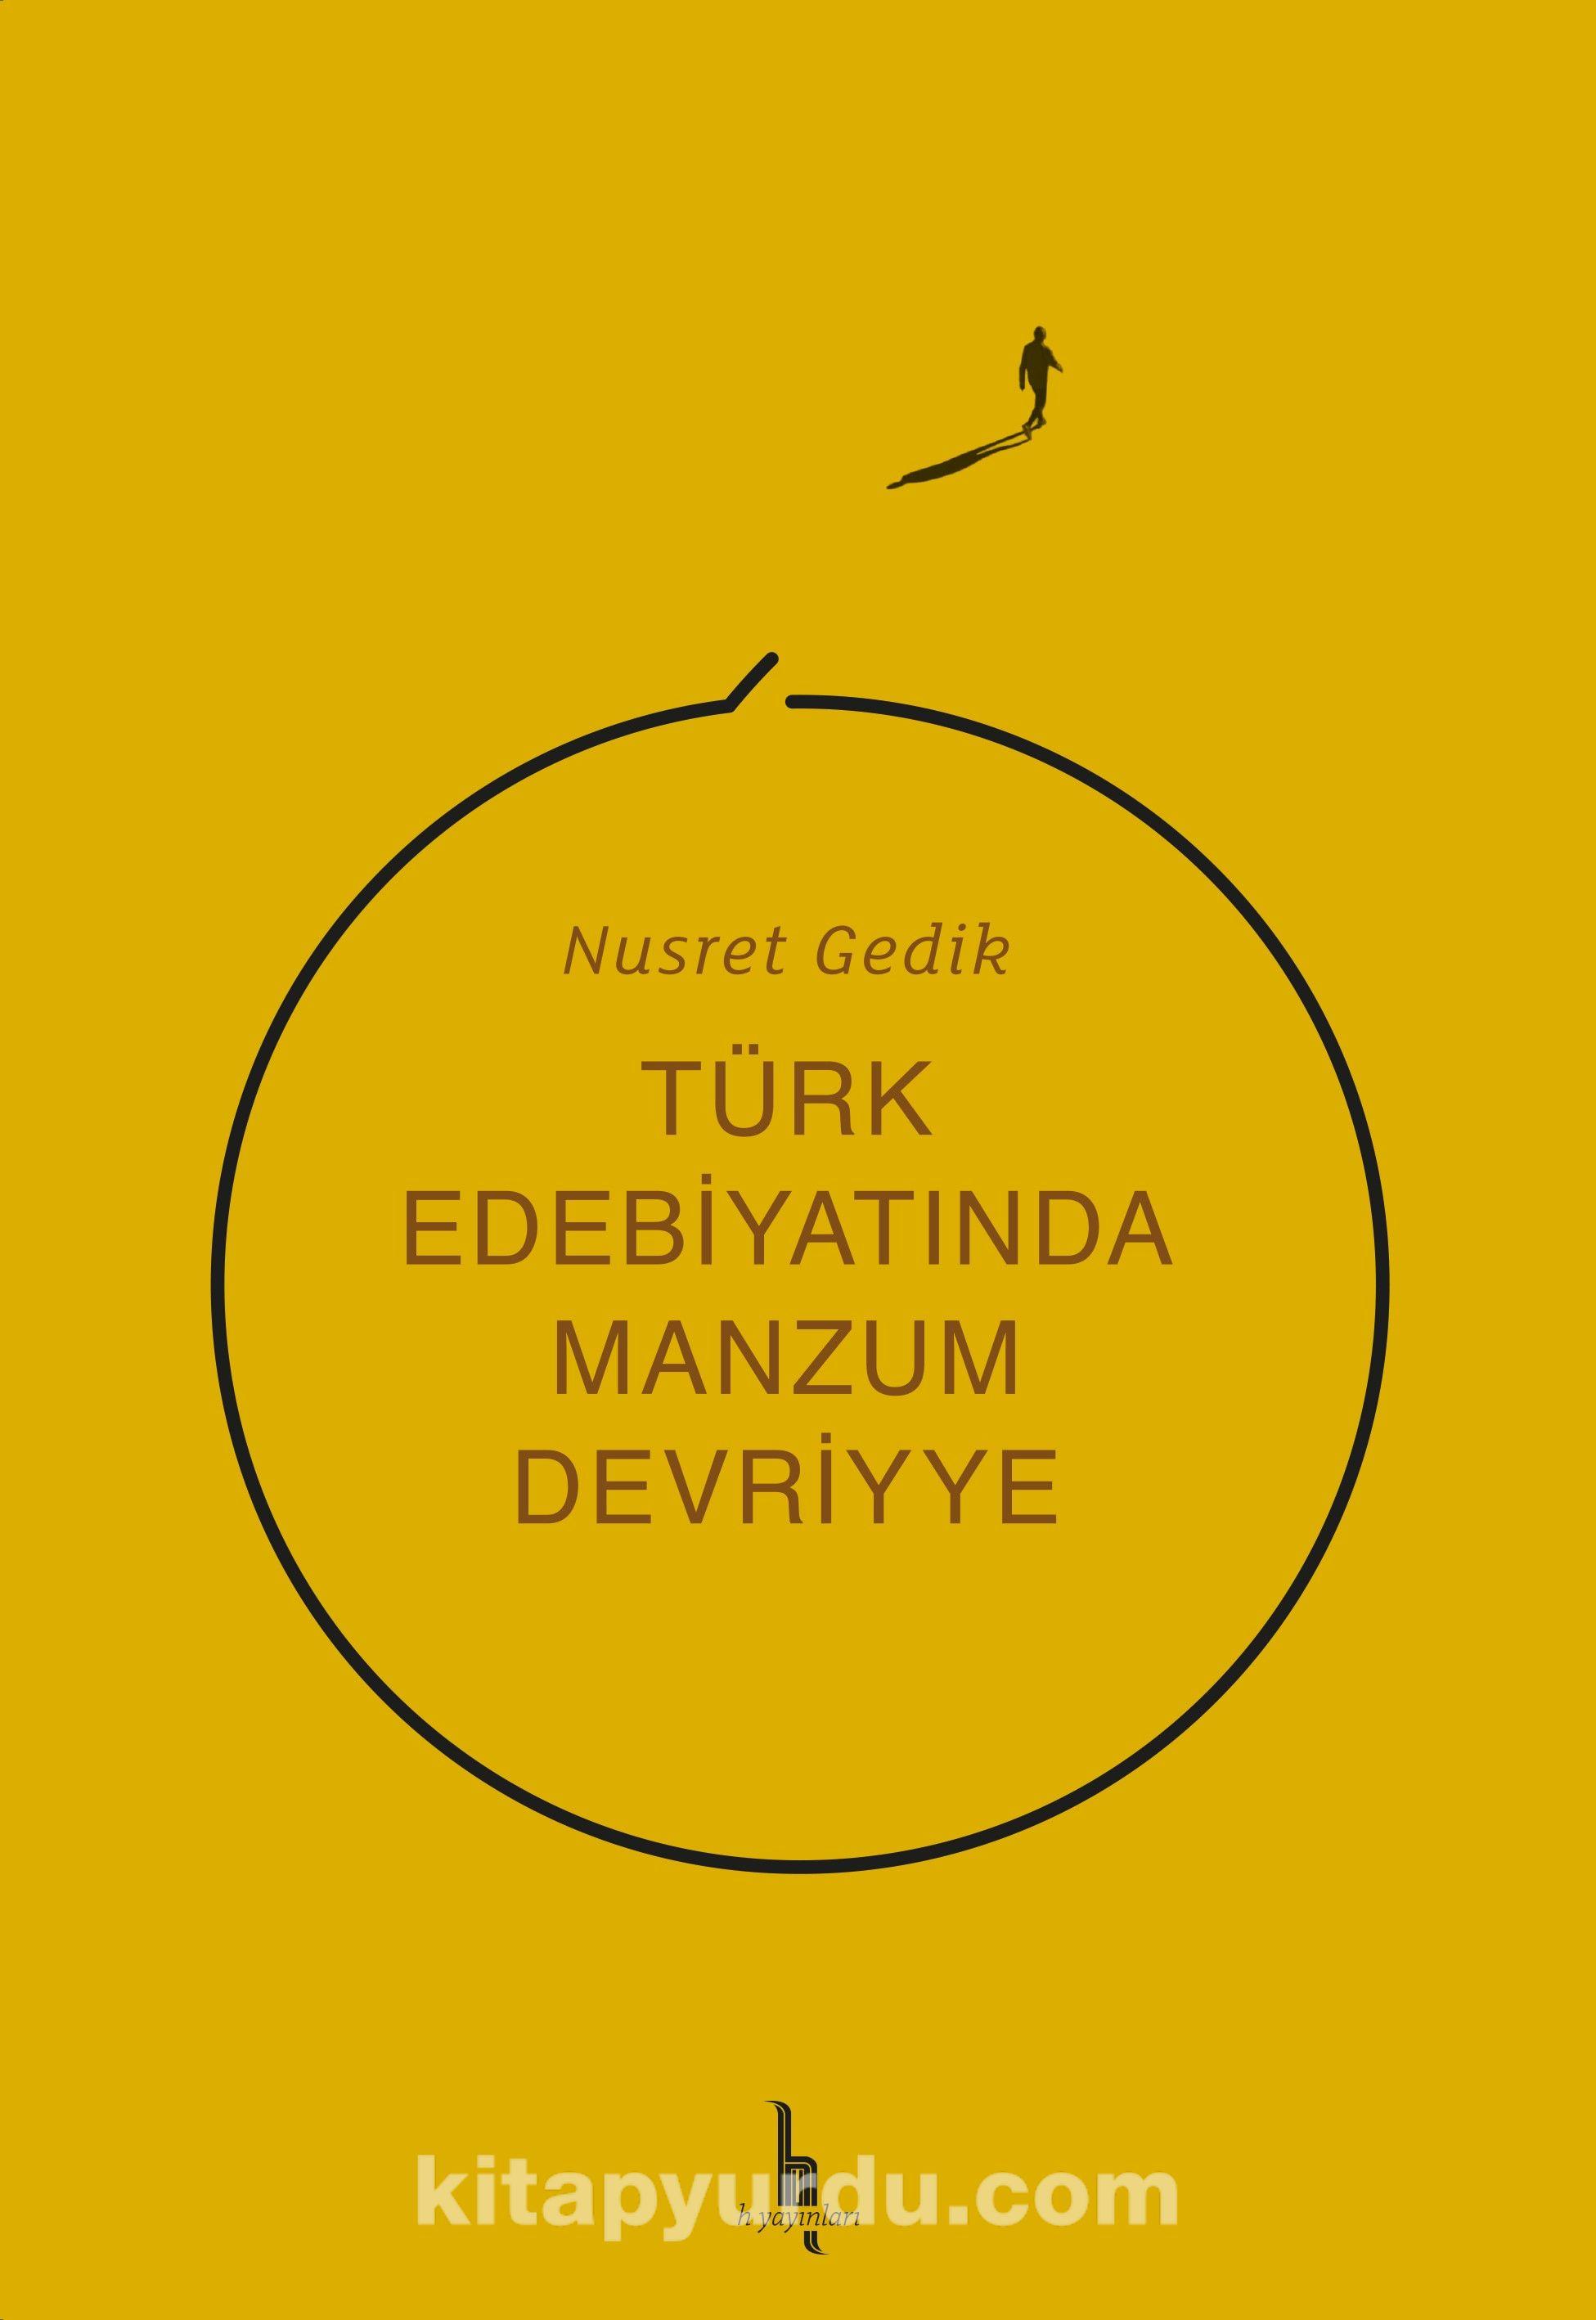 Türk Edebiyatında Manzum Devriyye - Nusret Gedik pdf epub